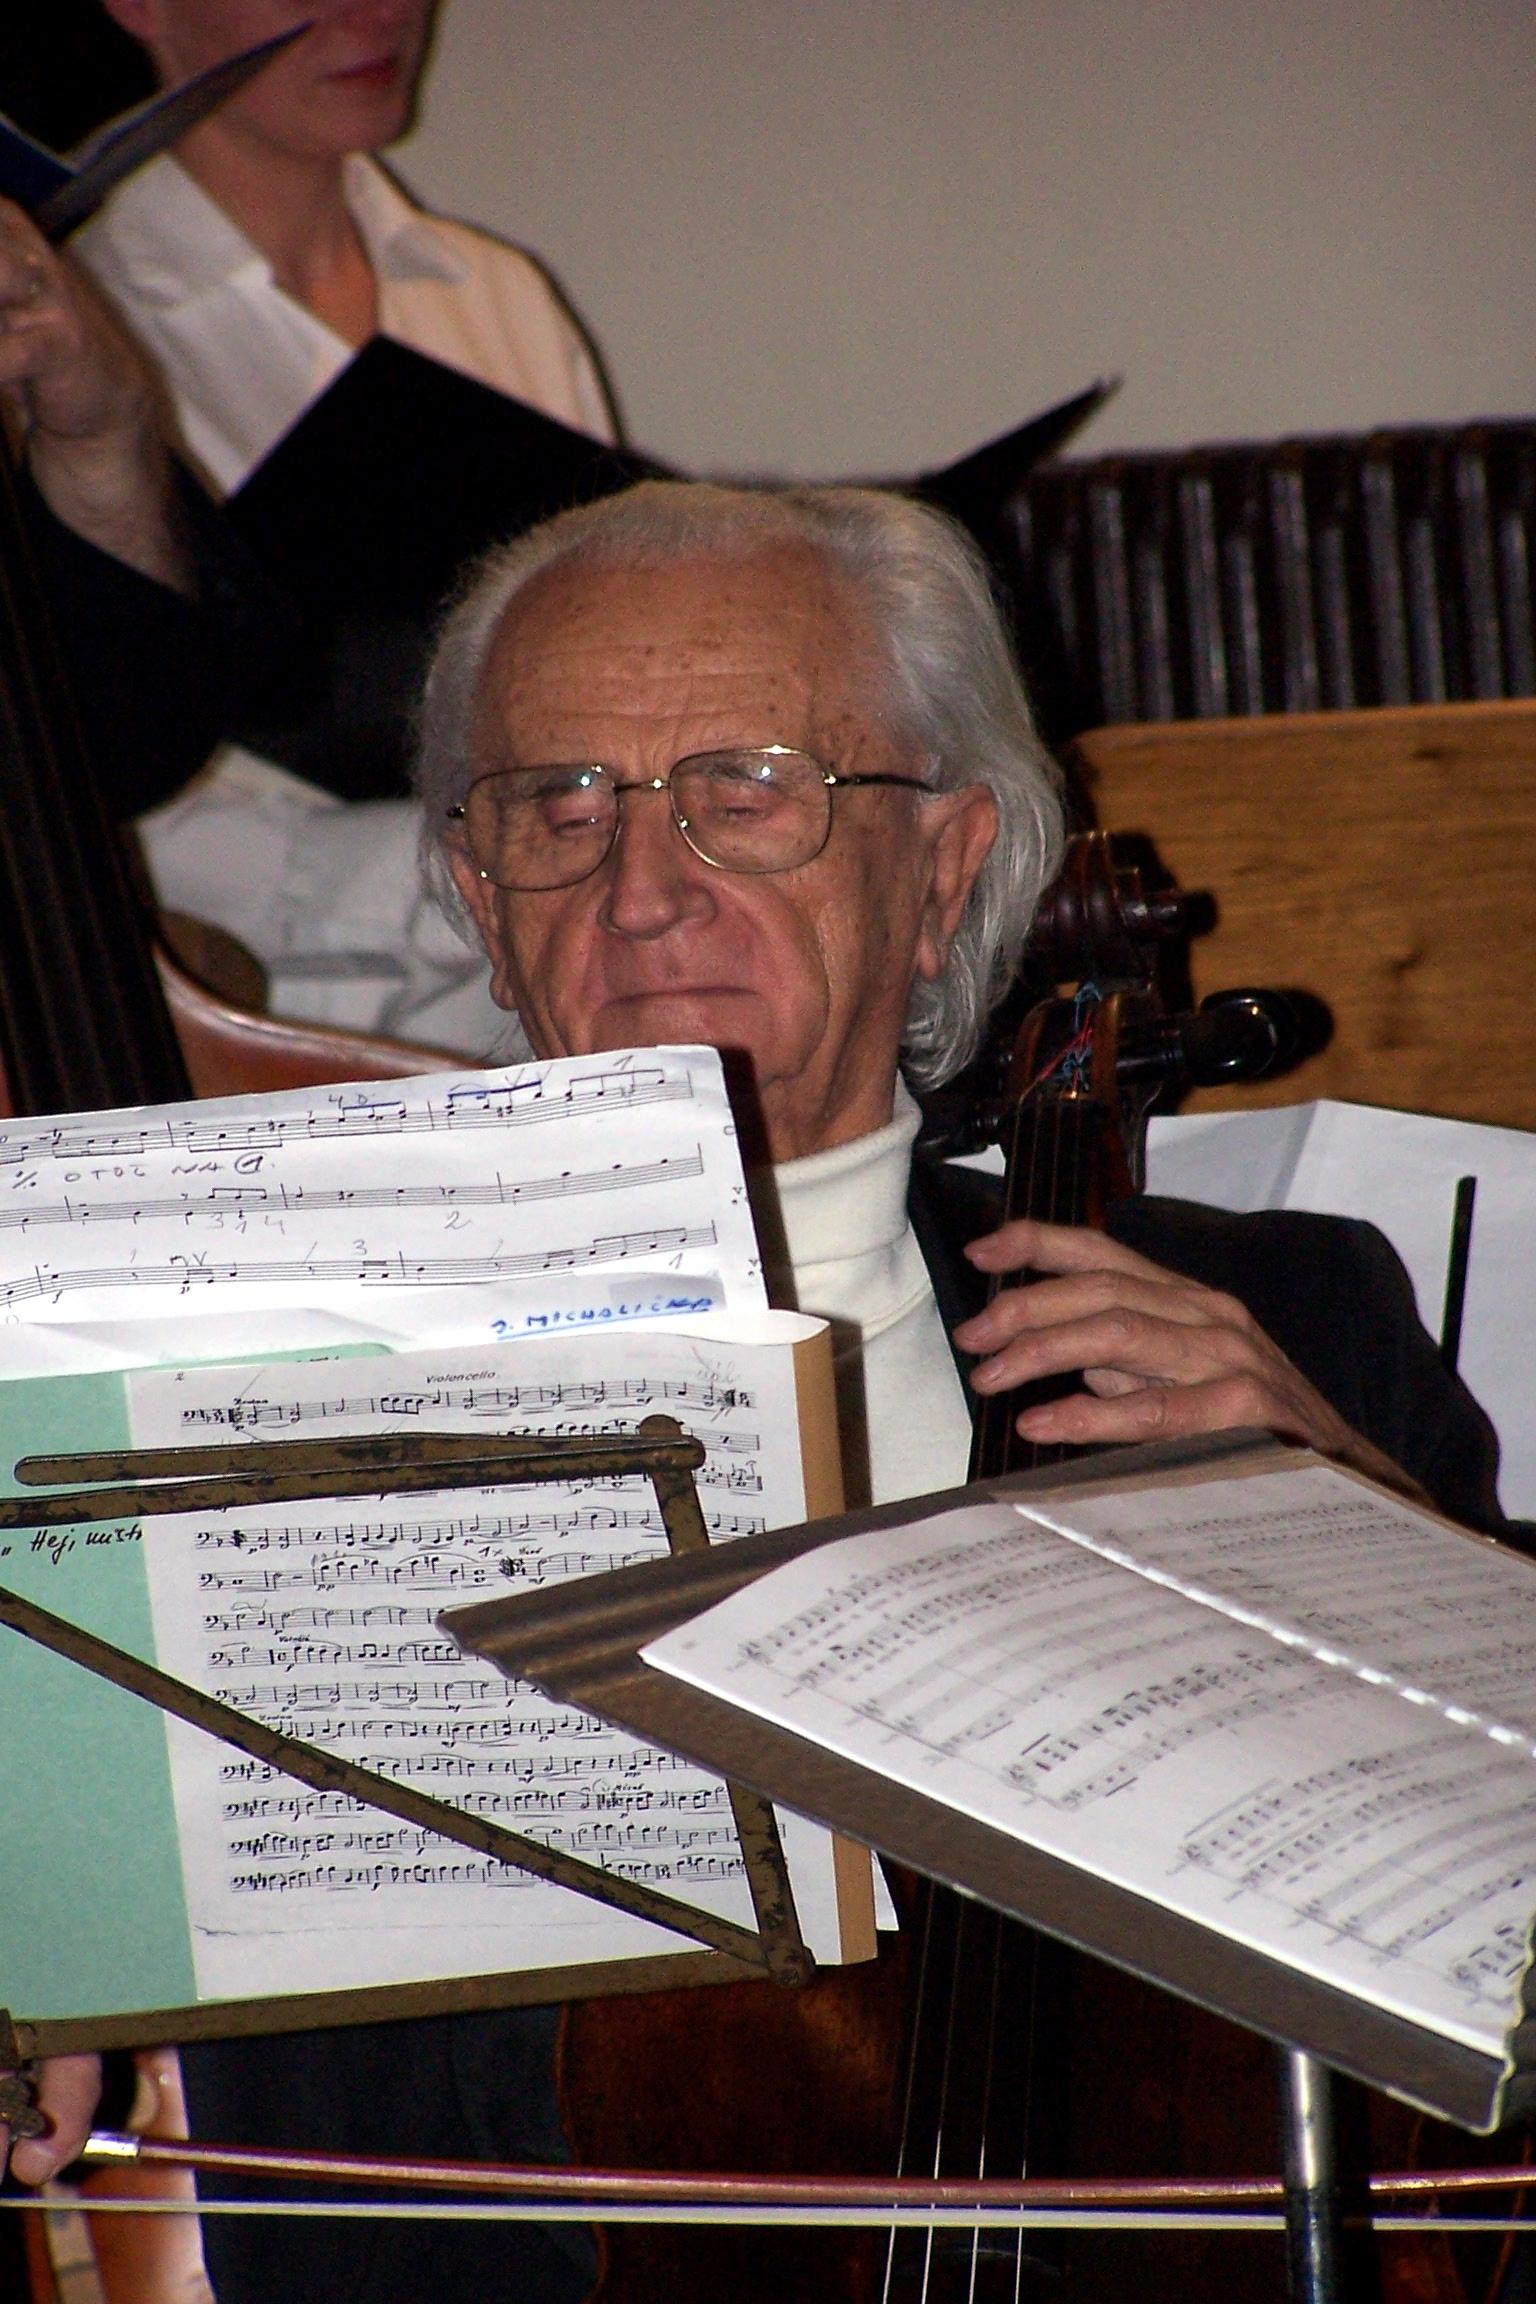 01b0b2b778 Tohoto violoncellistu bohužel neznám jménem